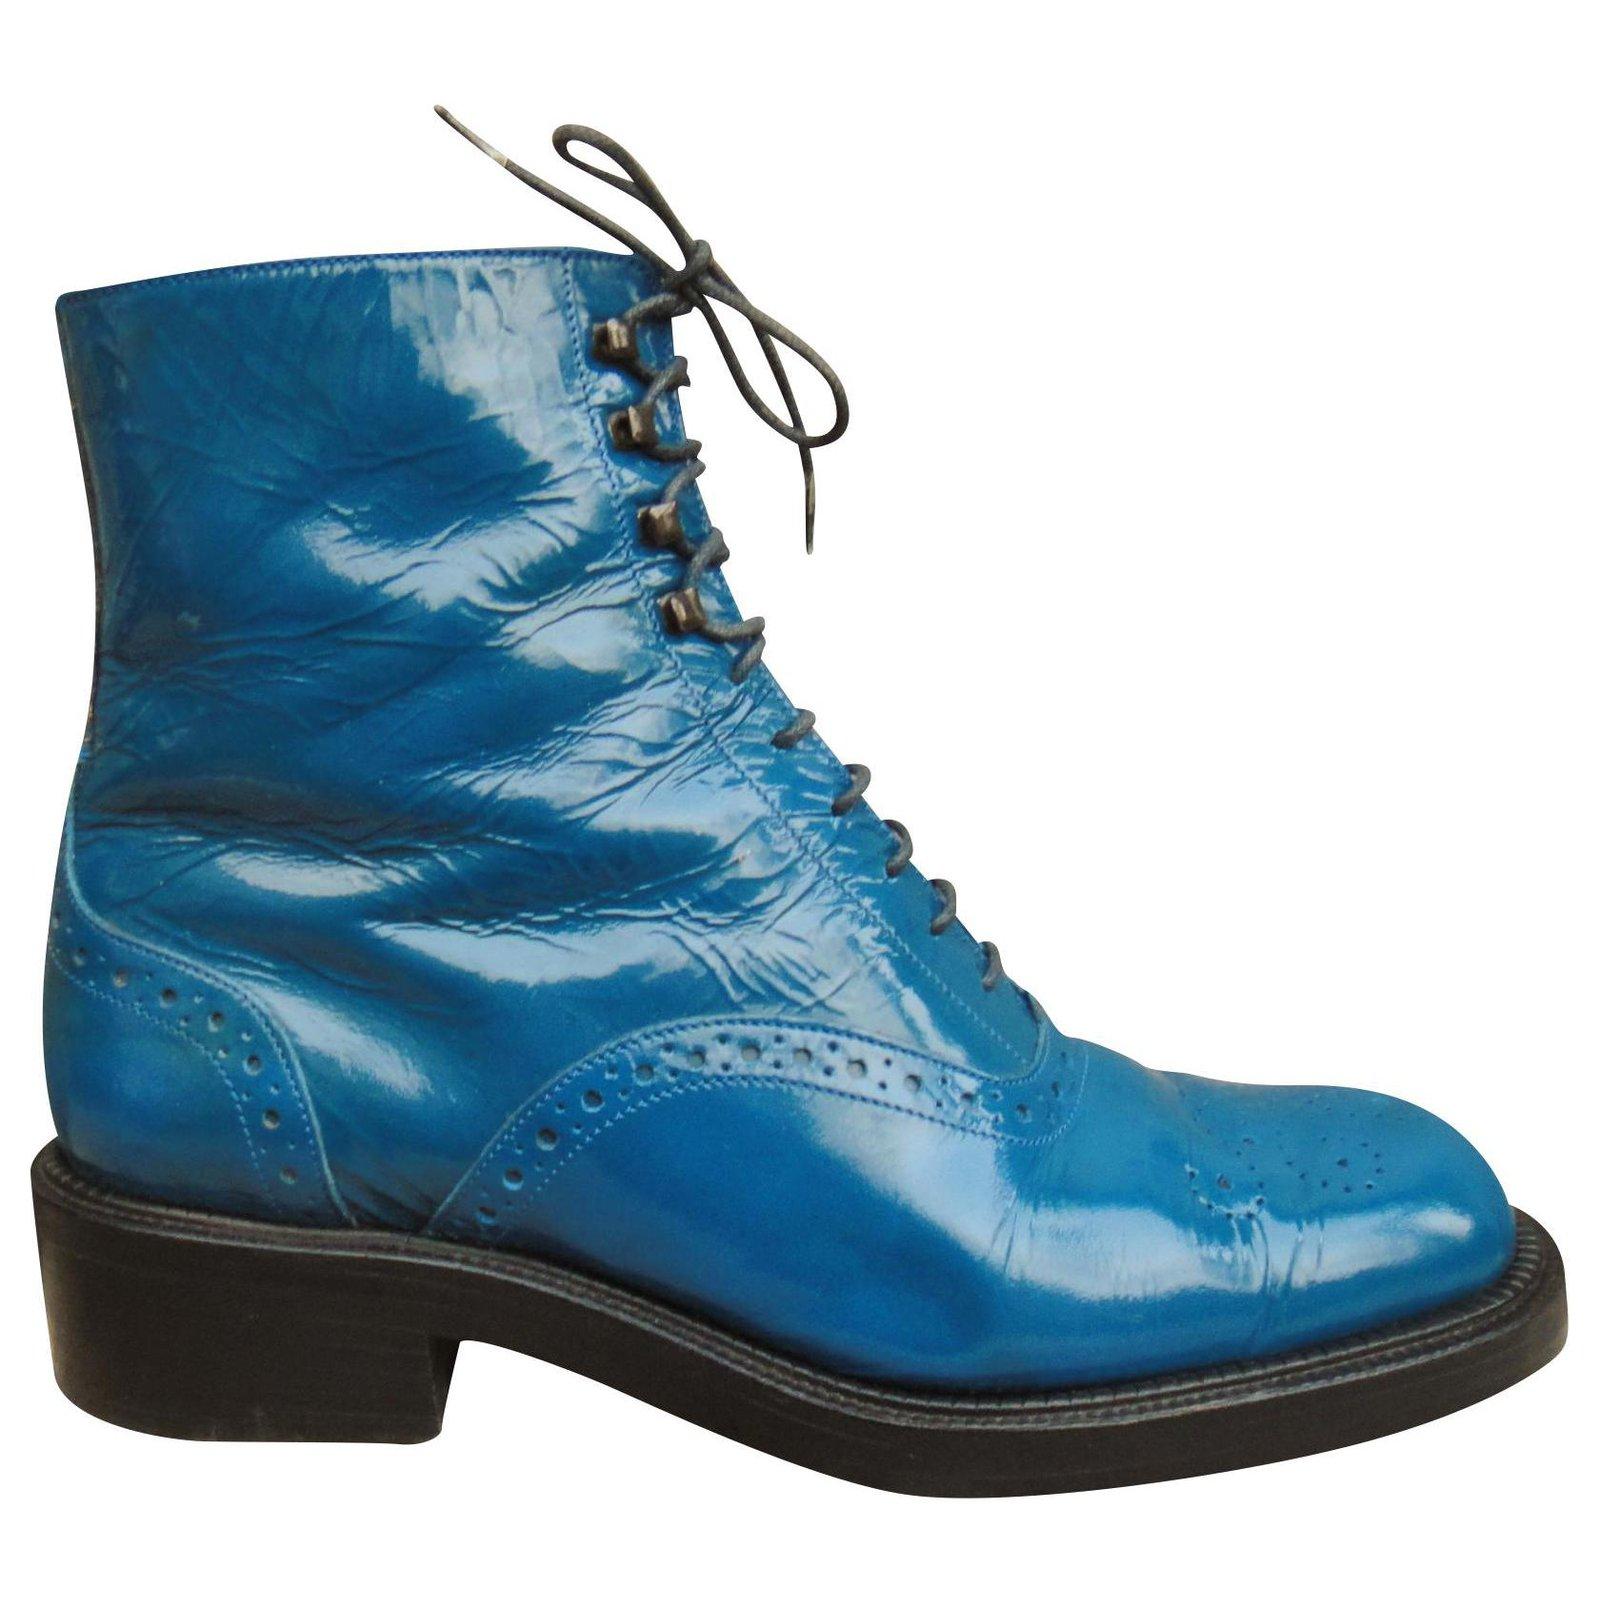 Sartore vintage boots Sartore model